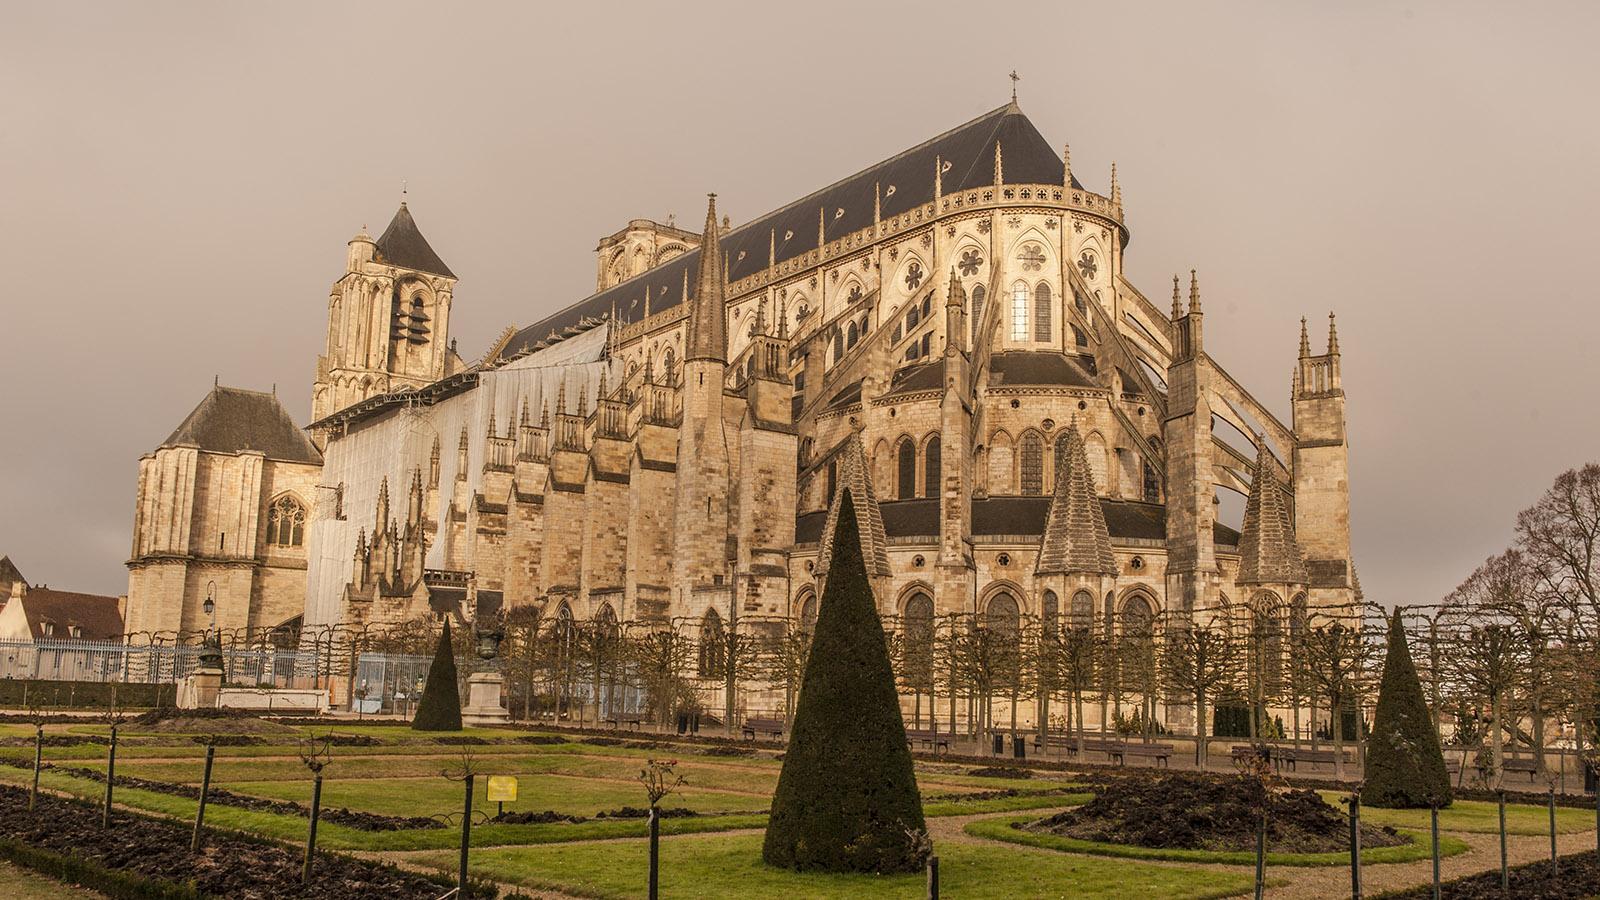 Meisterwerk der Hochgotik: die Kathedrale von Bourges im Berry. Foto: Hilke Maunder